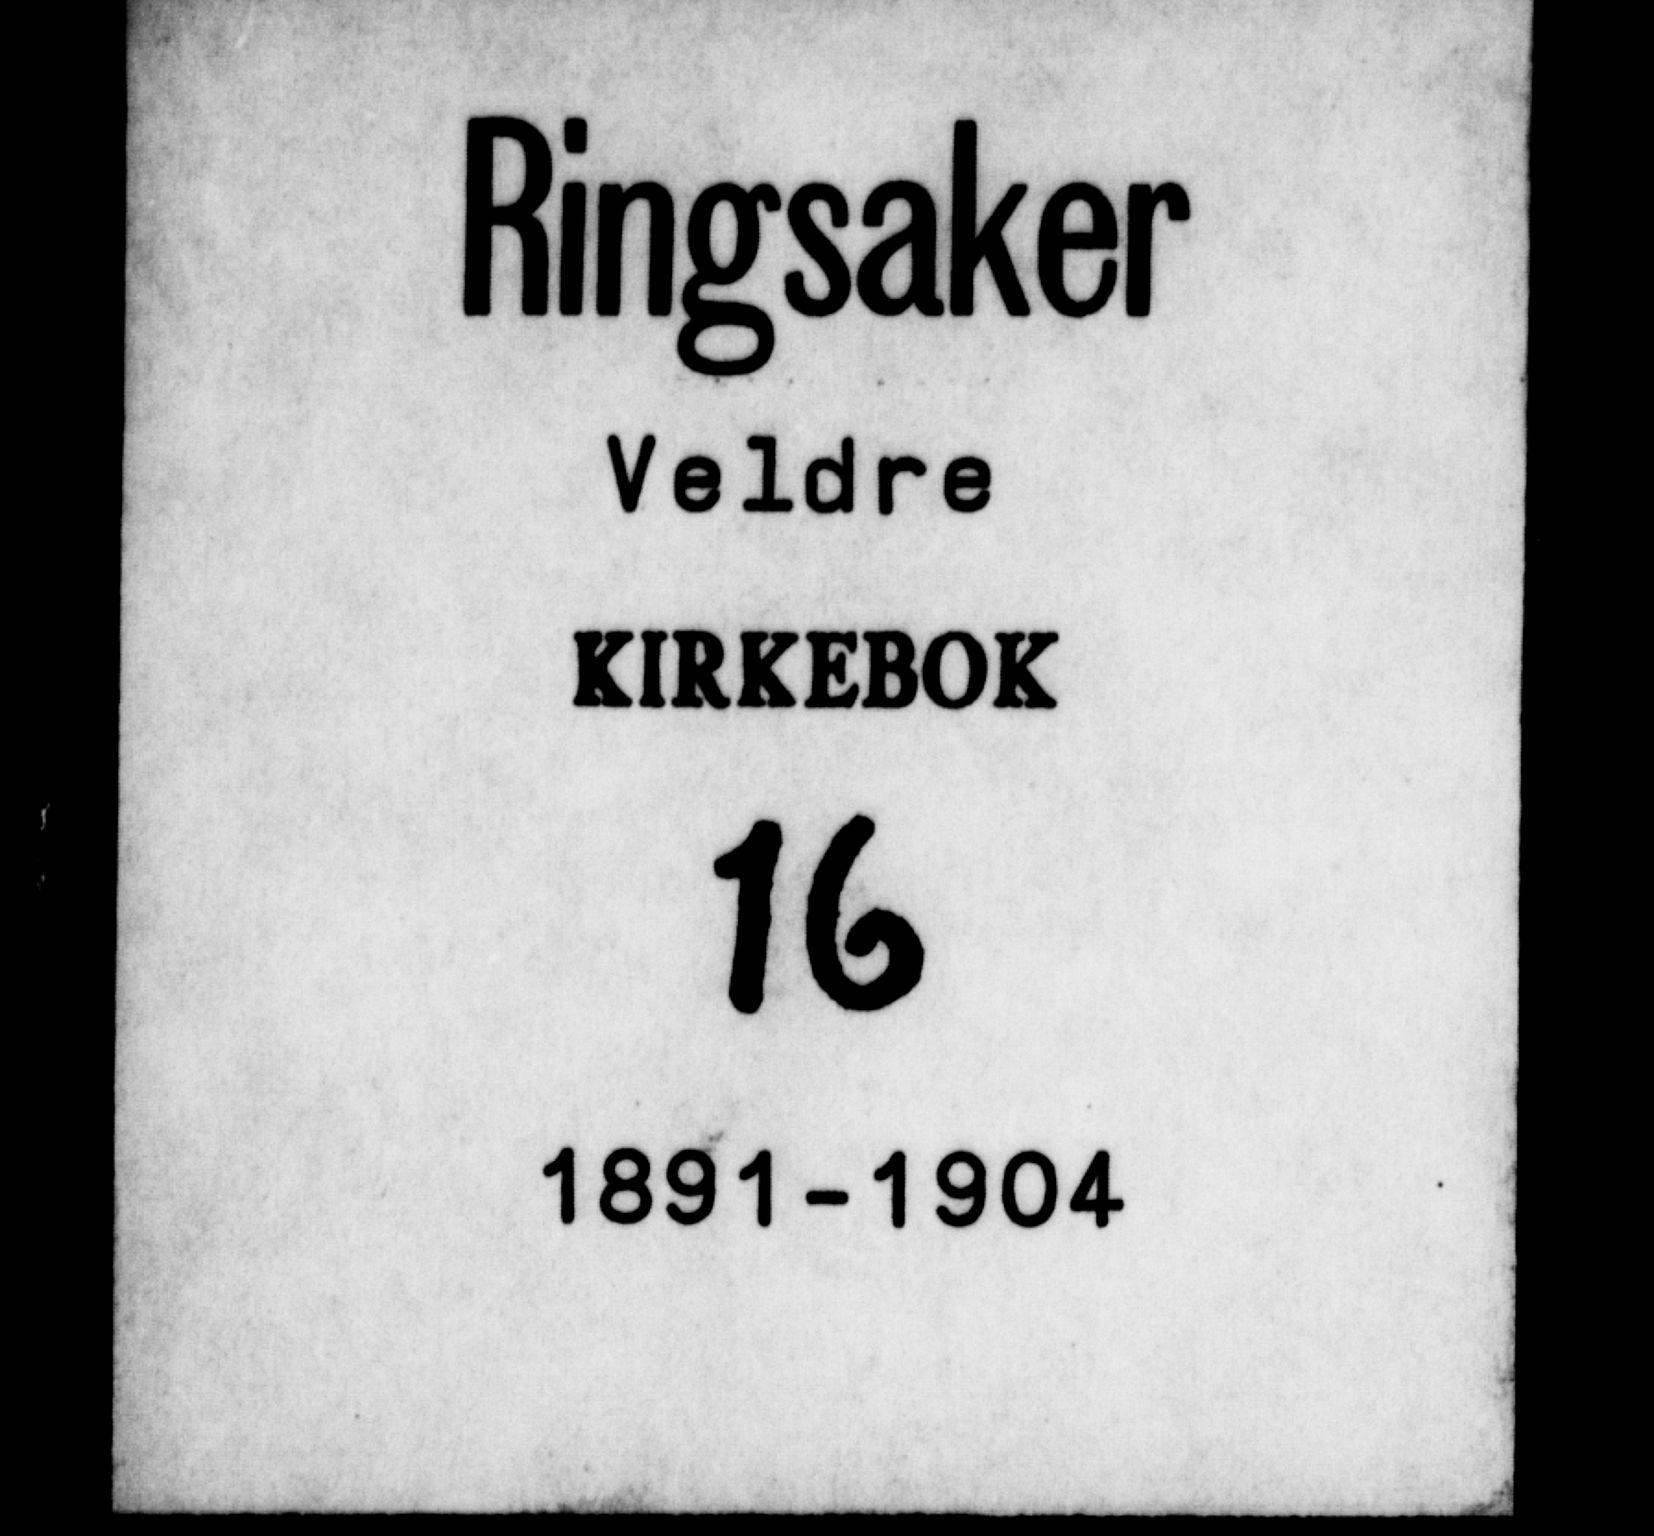 SAH, Ringsaker prestekontor, K/Ka/L0016: Ministerialbok nr. 16, 1891-1904